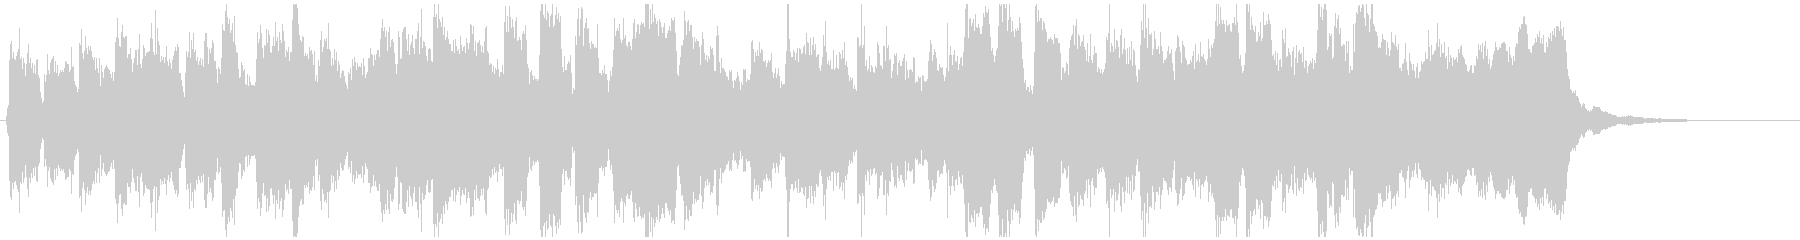 へっぽこリコーダーファンク15秒ジングルの未再生の波形